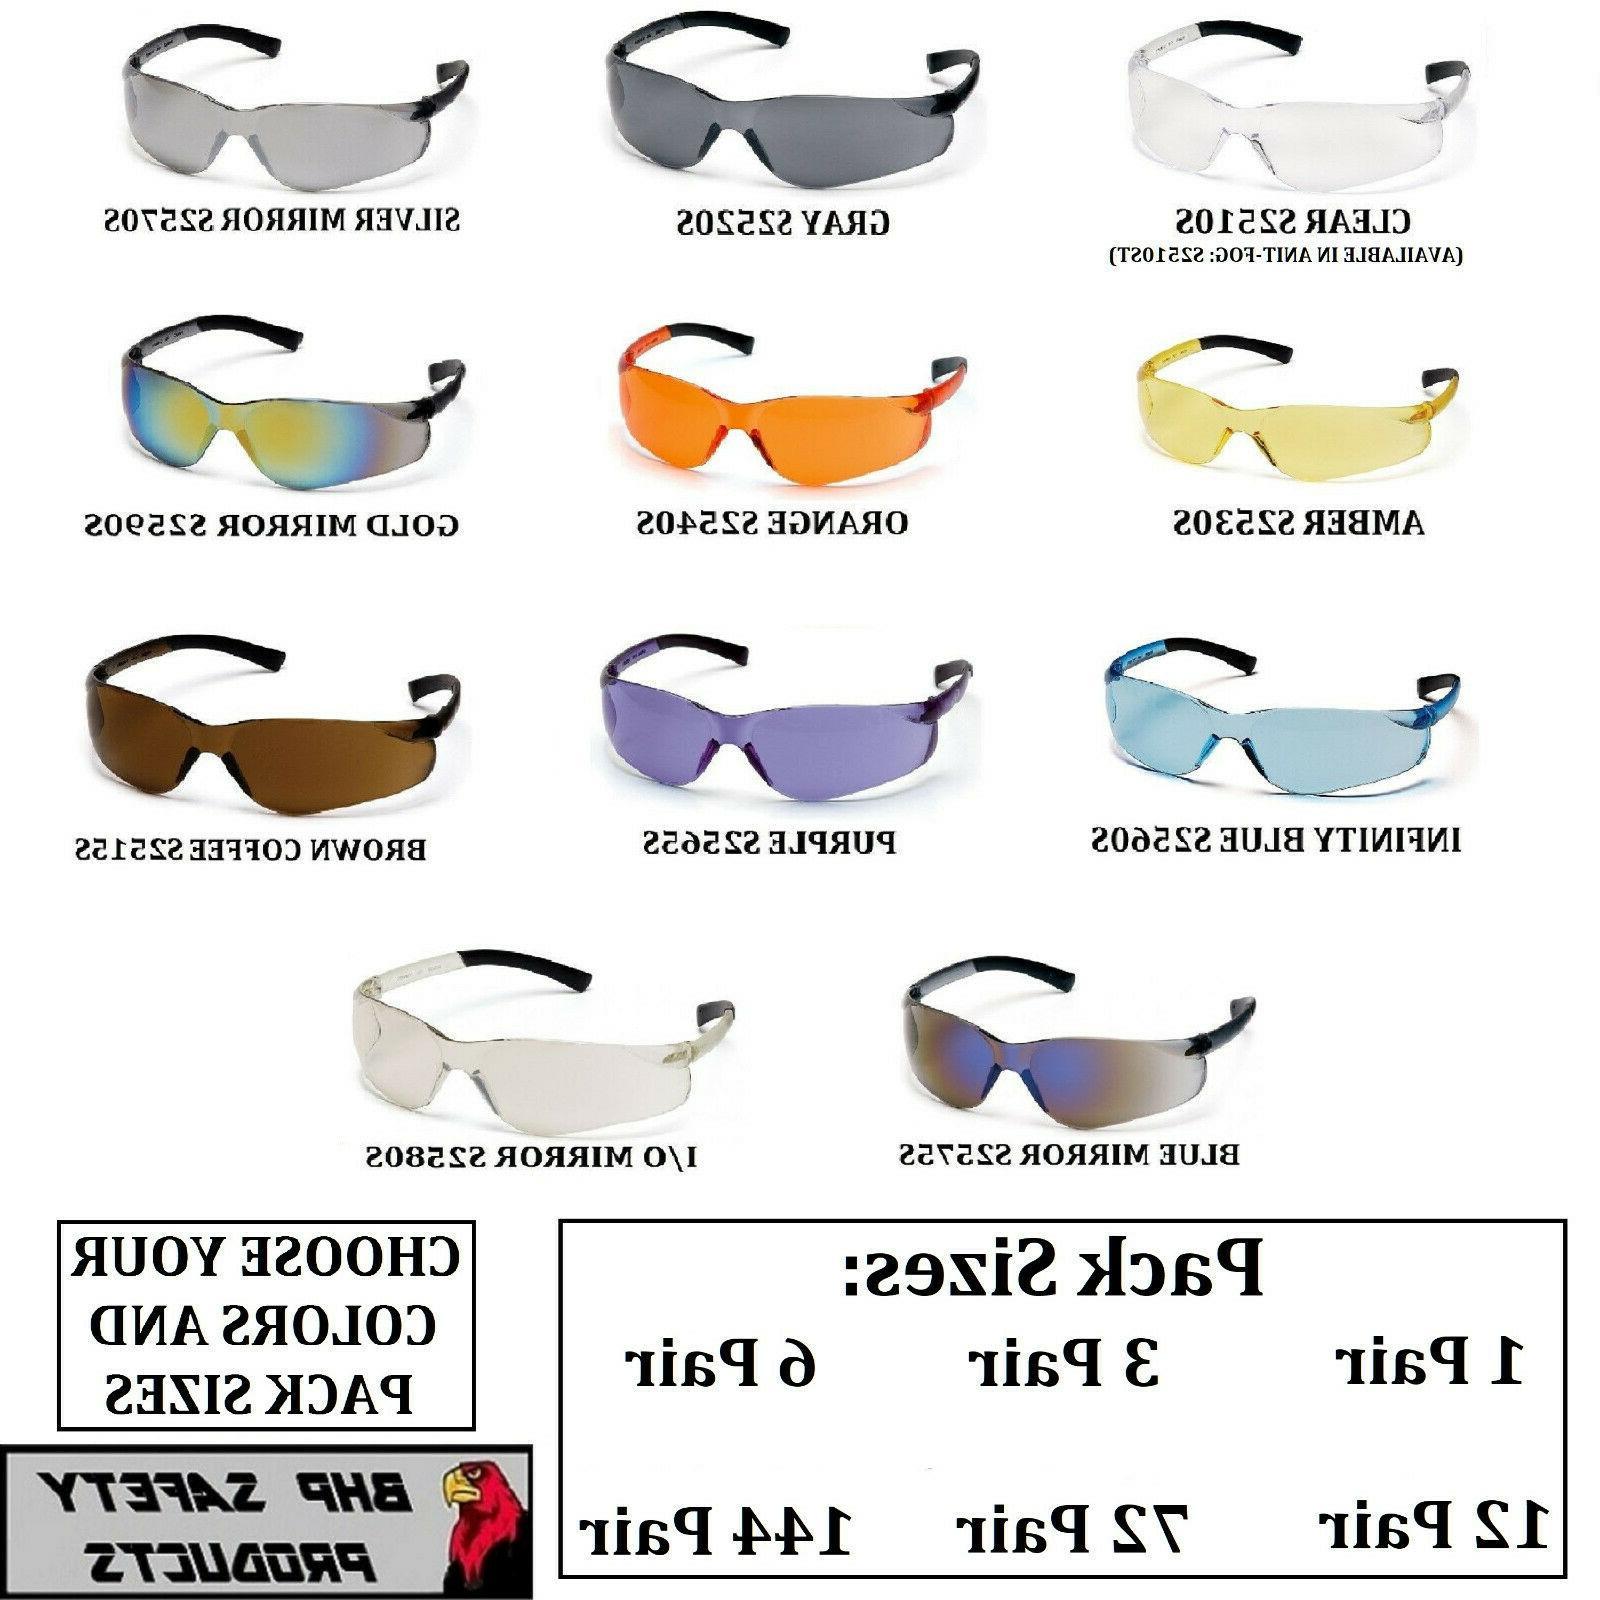 ztek safety glasses ansi z87 compliant variety